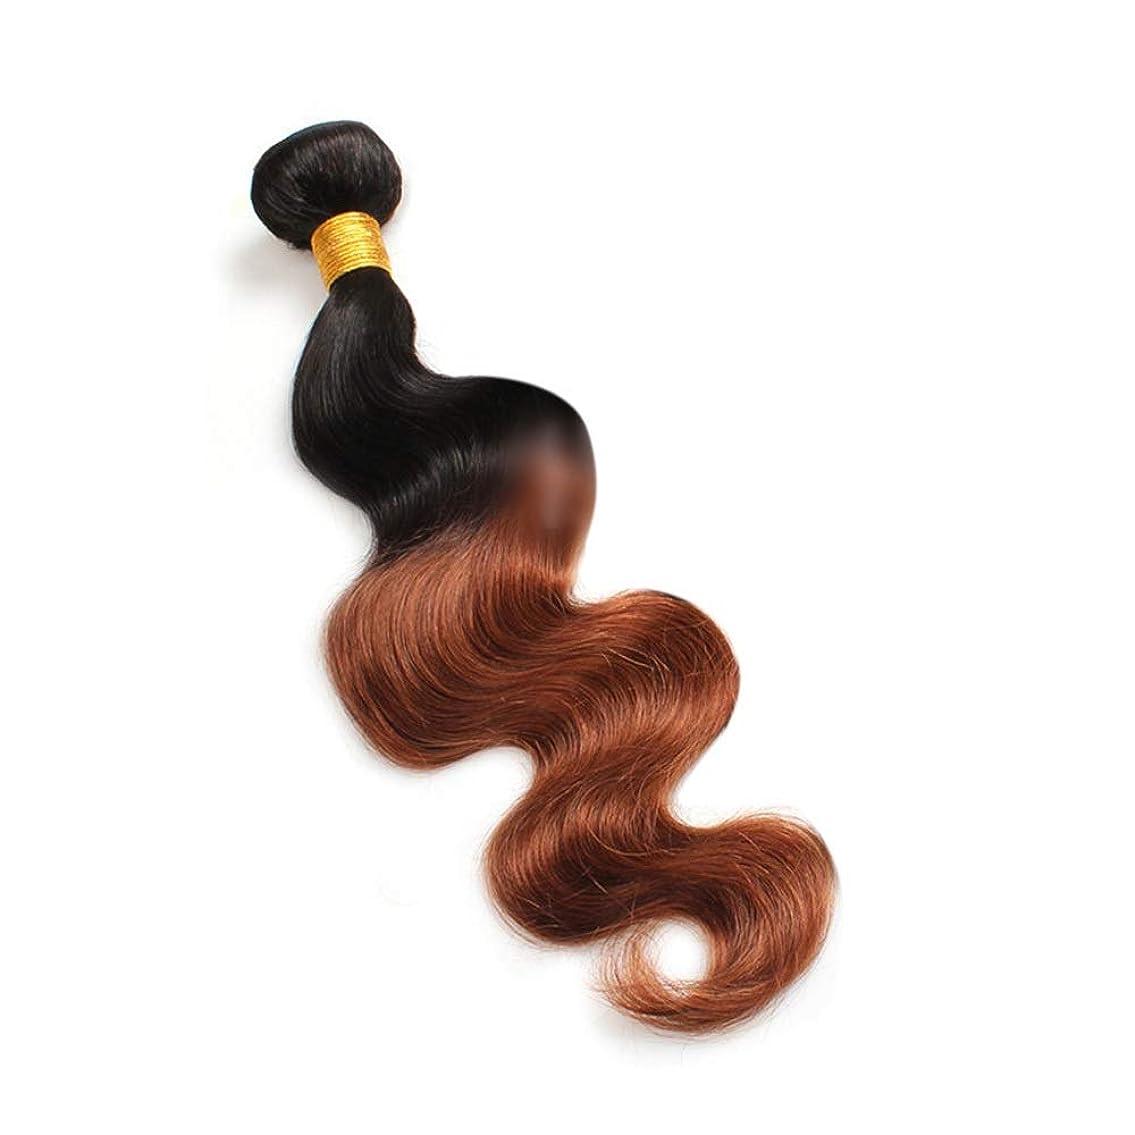 湿気の多いまたねヒギンズYESONEEP 実体波人間の髪の毛1バンドルナチュラルヘアエクステンション横糸 - 1B / 30#黒と茶色のツートンカラー(100g / 1バンドル)合成髪レースかつらロールプレイングかつら長くて短い女性自然 (色 : ブラウン, サイズ : 16 inch)